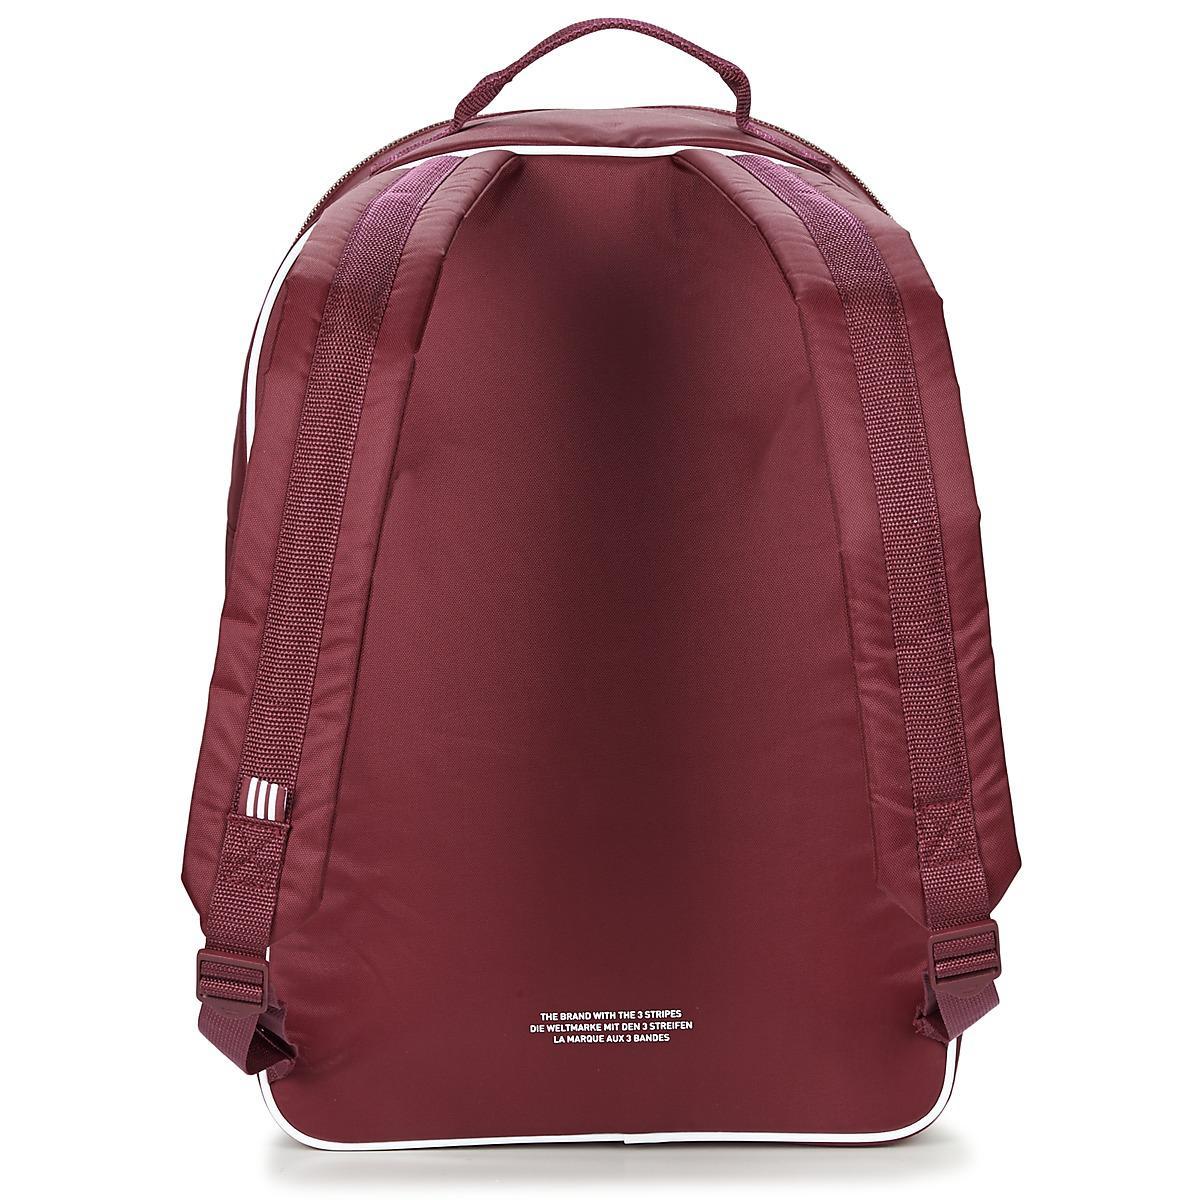 Adidas - Classic Adicolor Bp Men s Backpack In Red for Men - Lyst. View  fullscreen 11c36b074c5ce